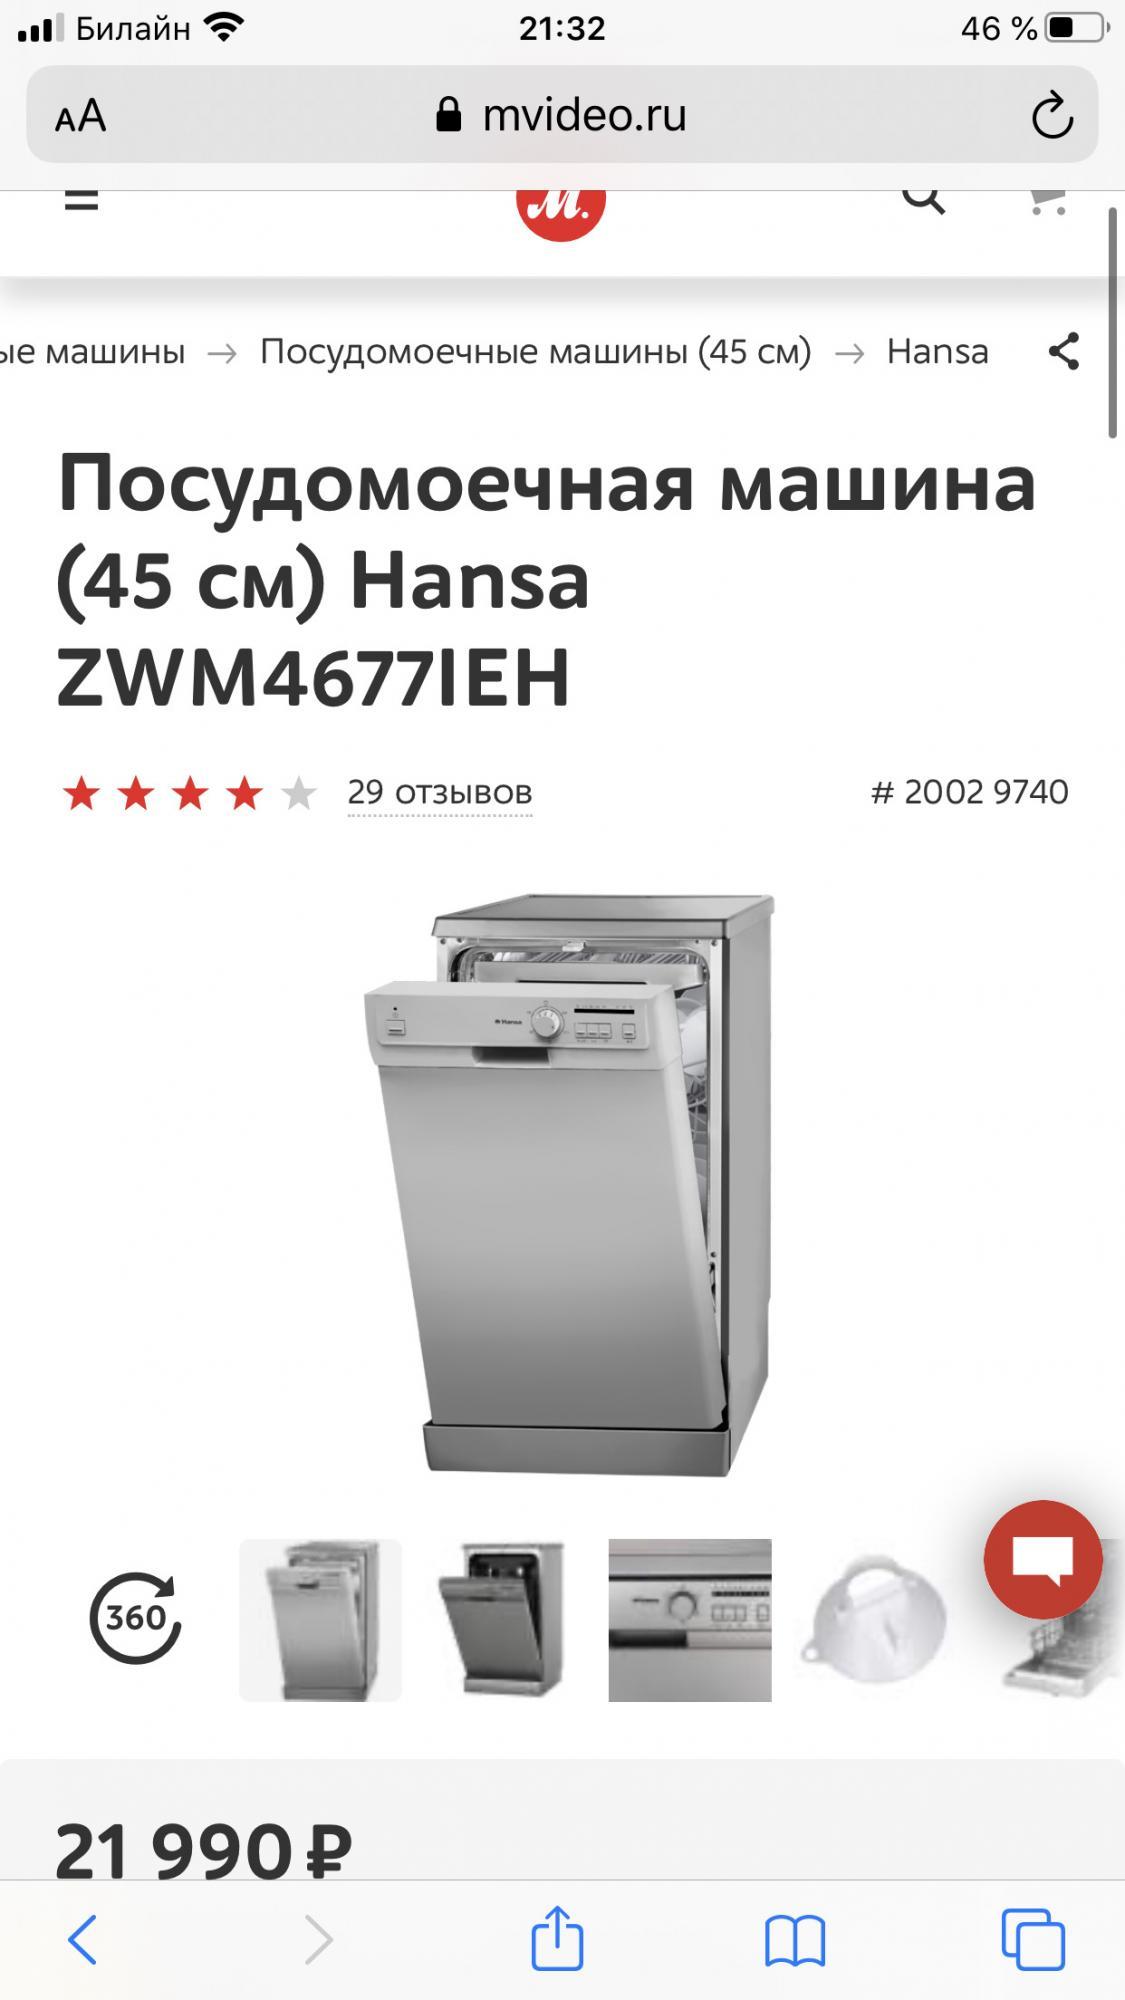 Посудомоечная машина (45 см) Hansa ZWM4677IEH в Москве 89057949885 купить 1